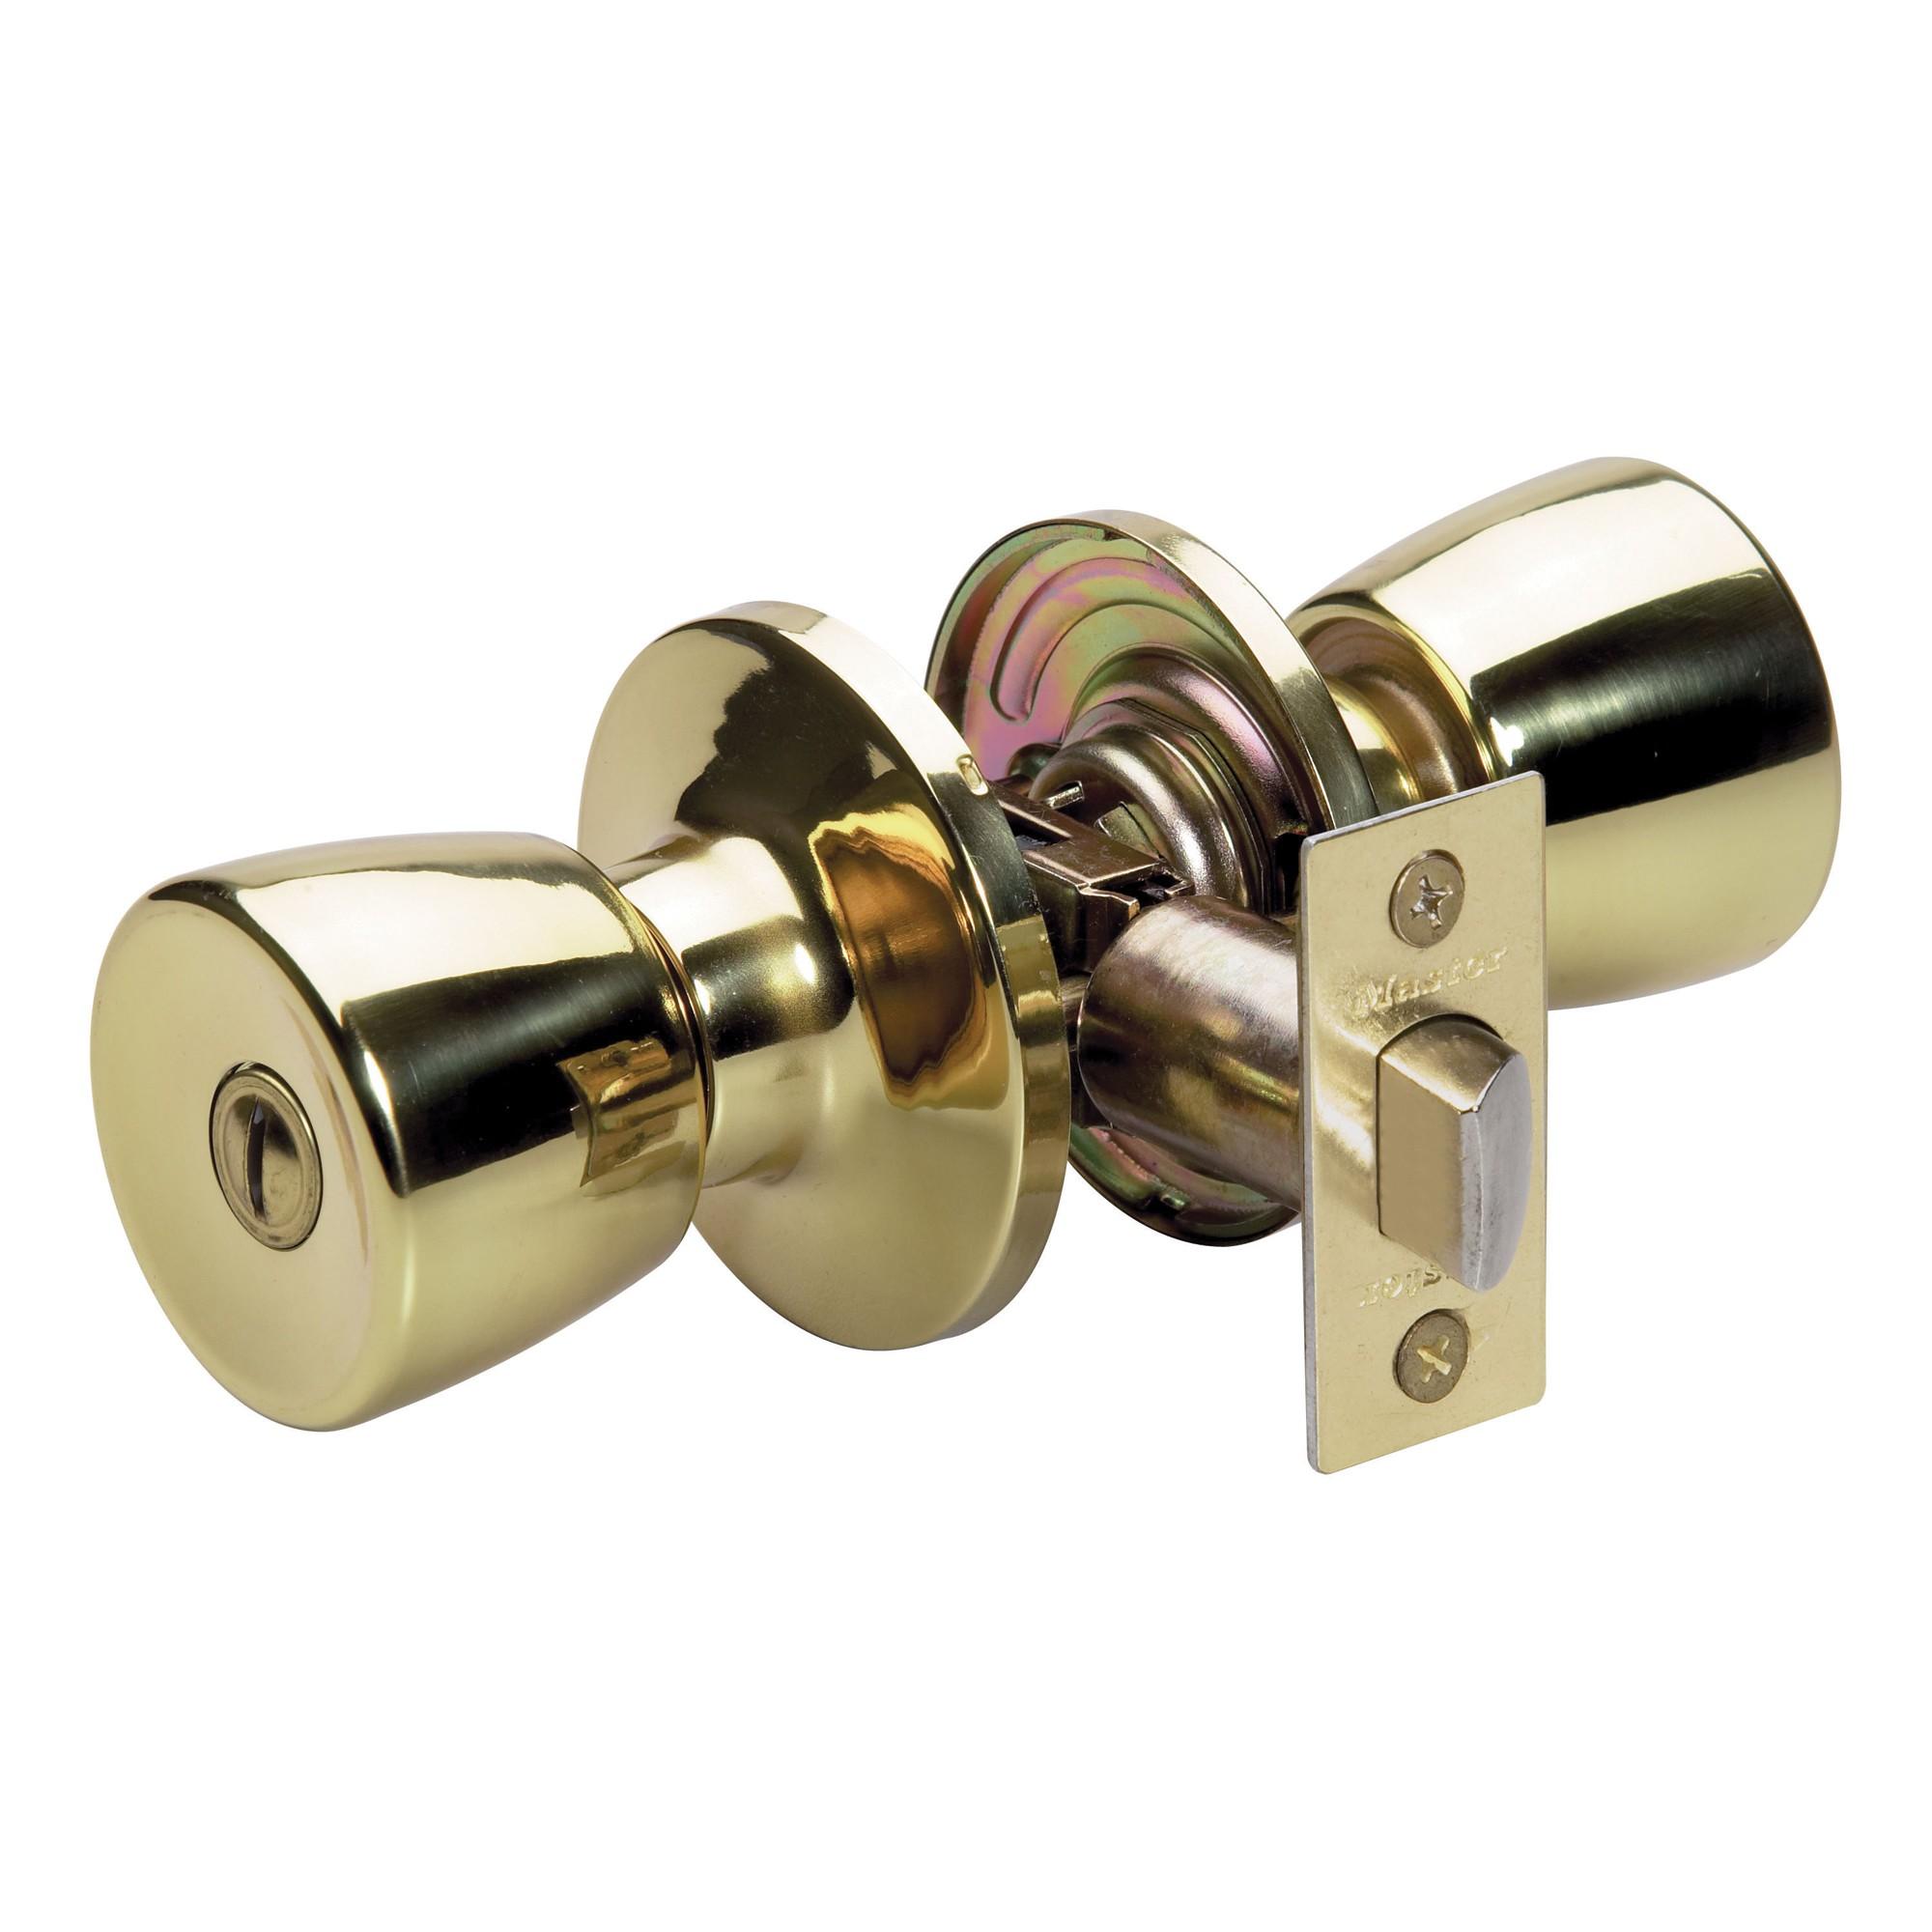 indoor locking door knobs photo - 1